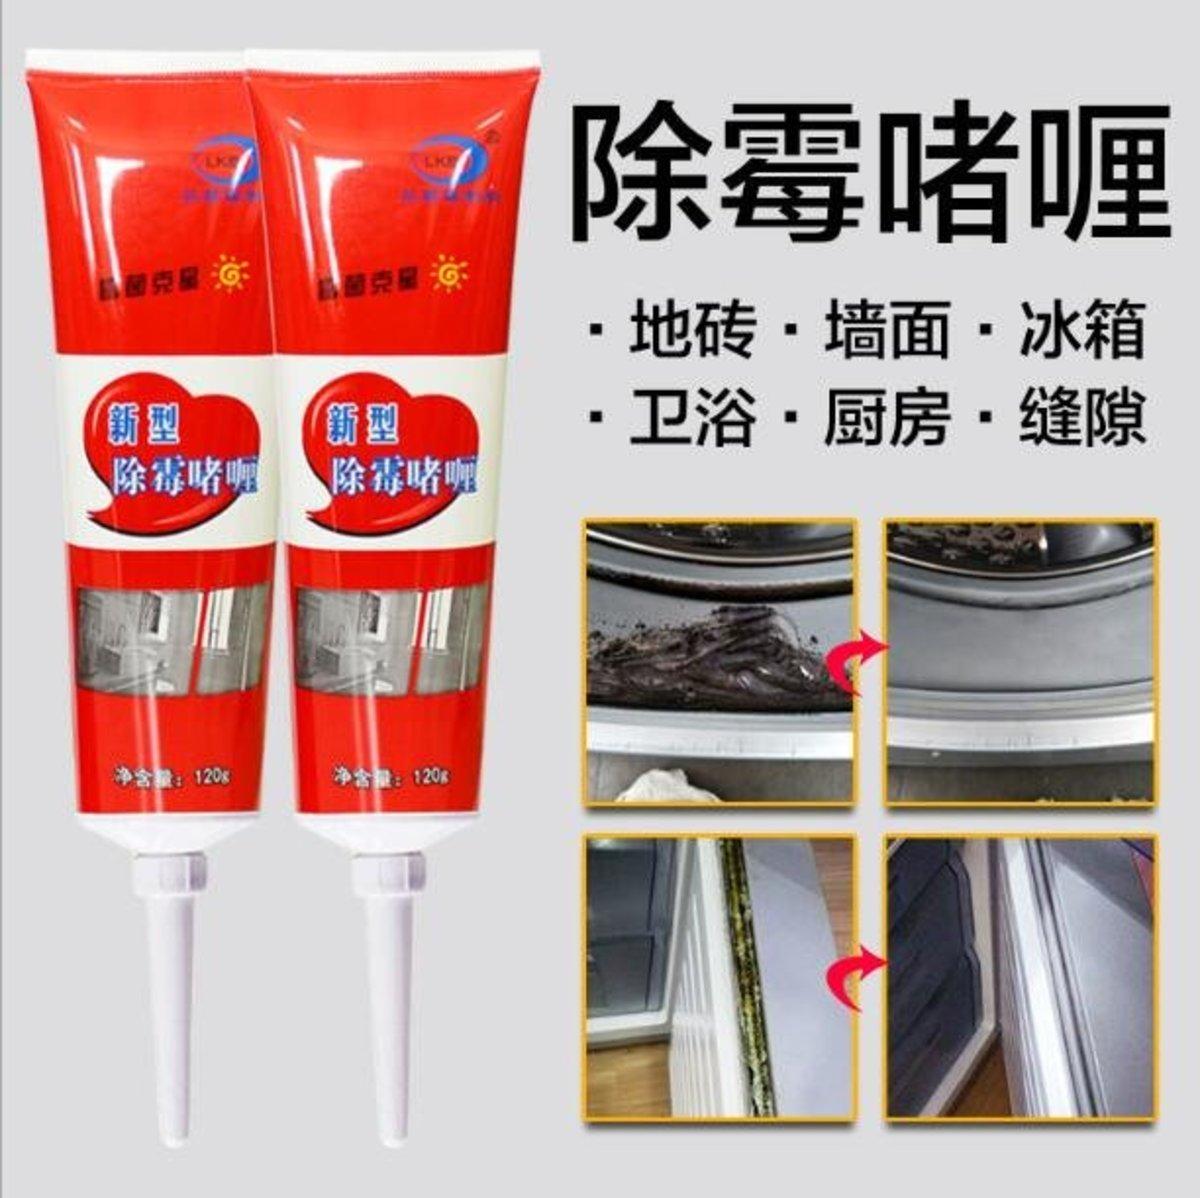 EL0227-蘭康保 瓷磚 新型除霉清潔啫喱(120g)